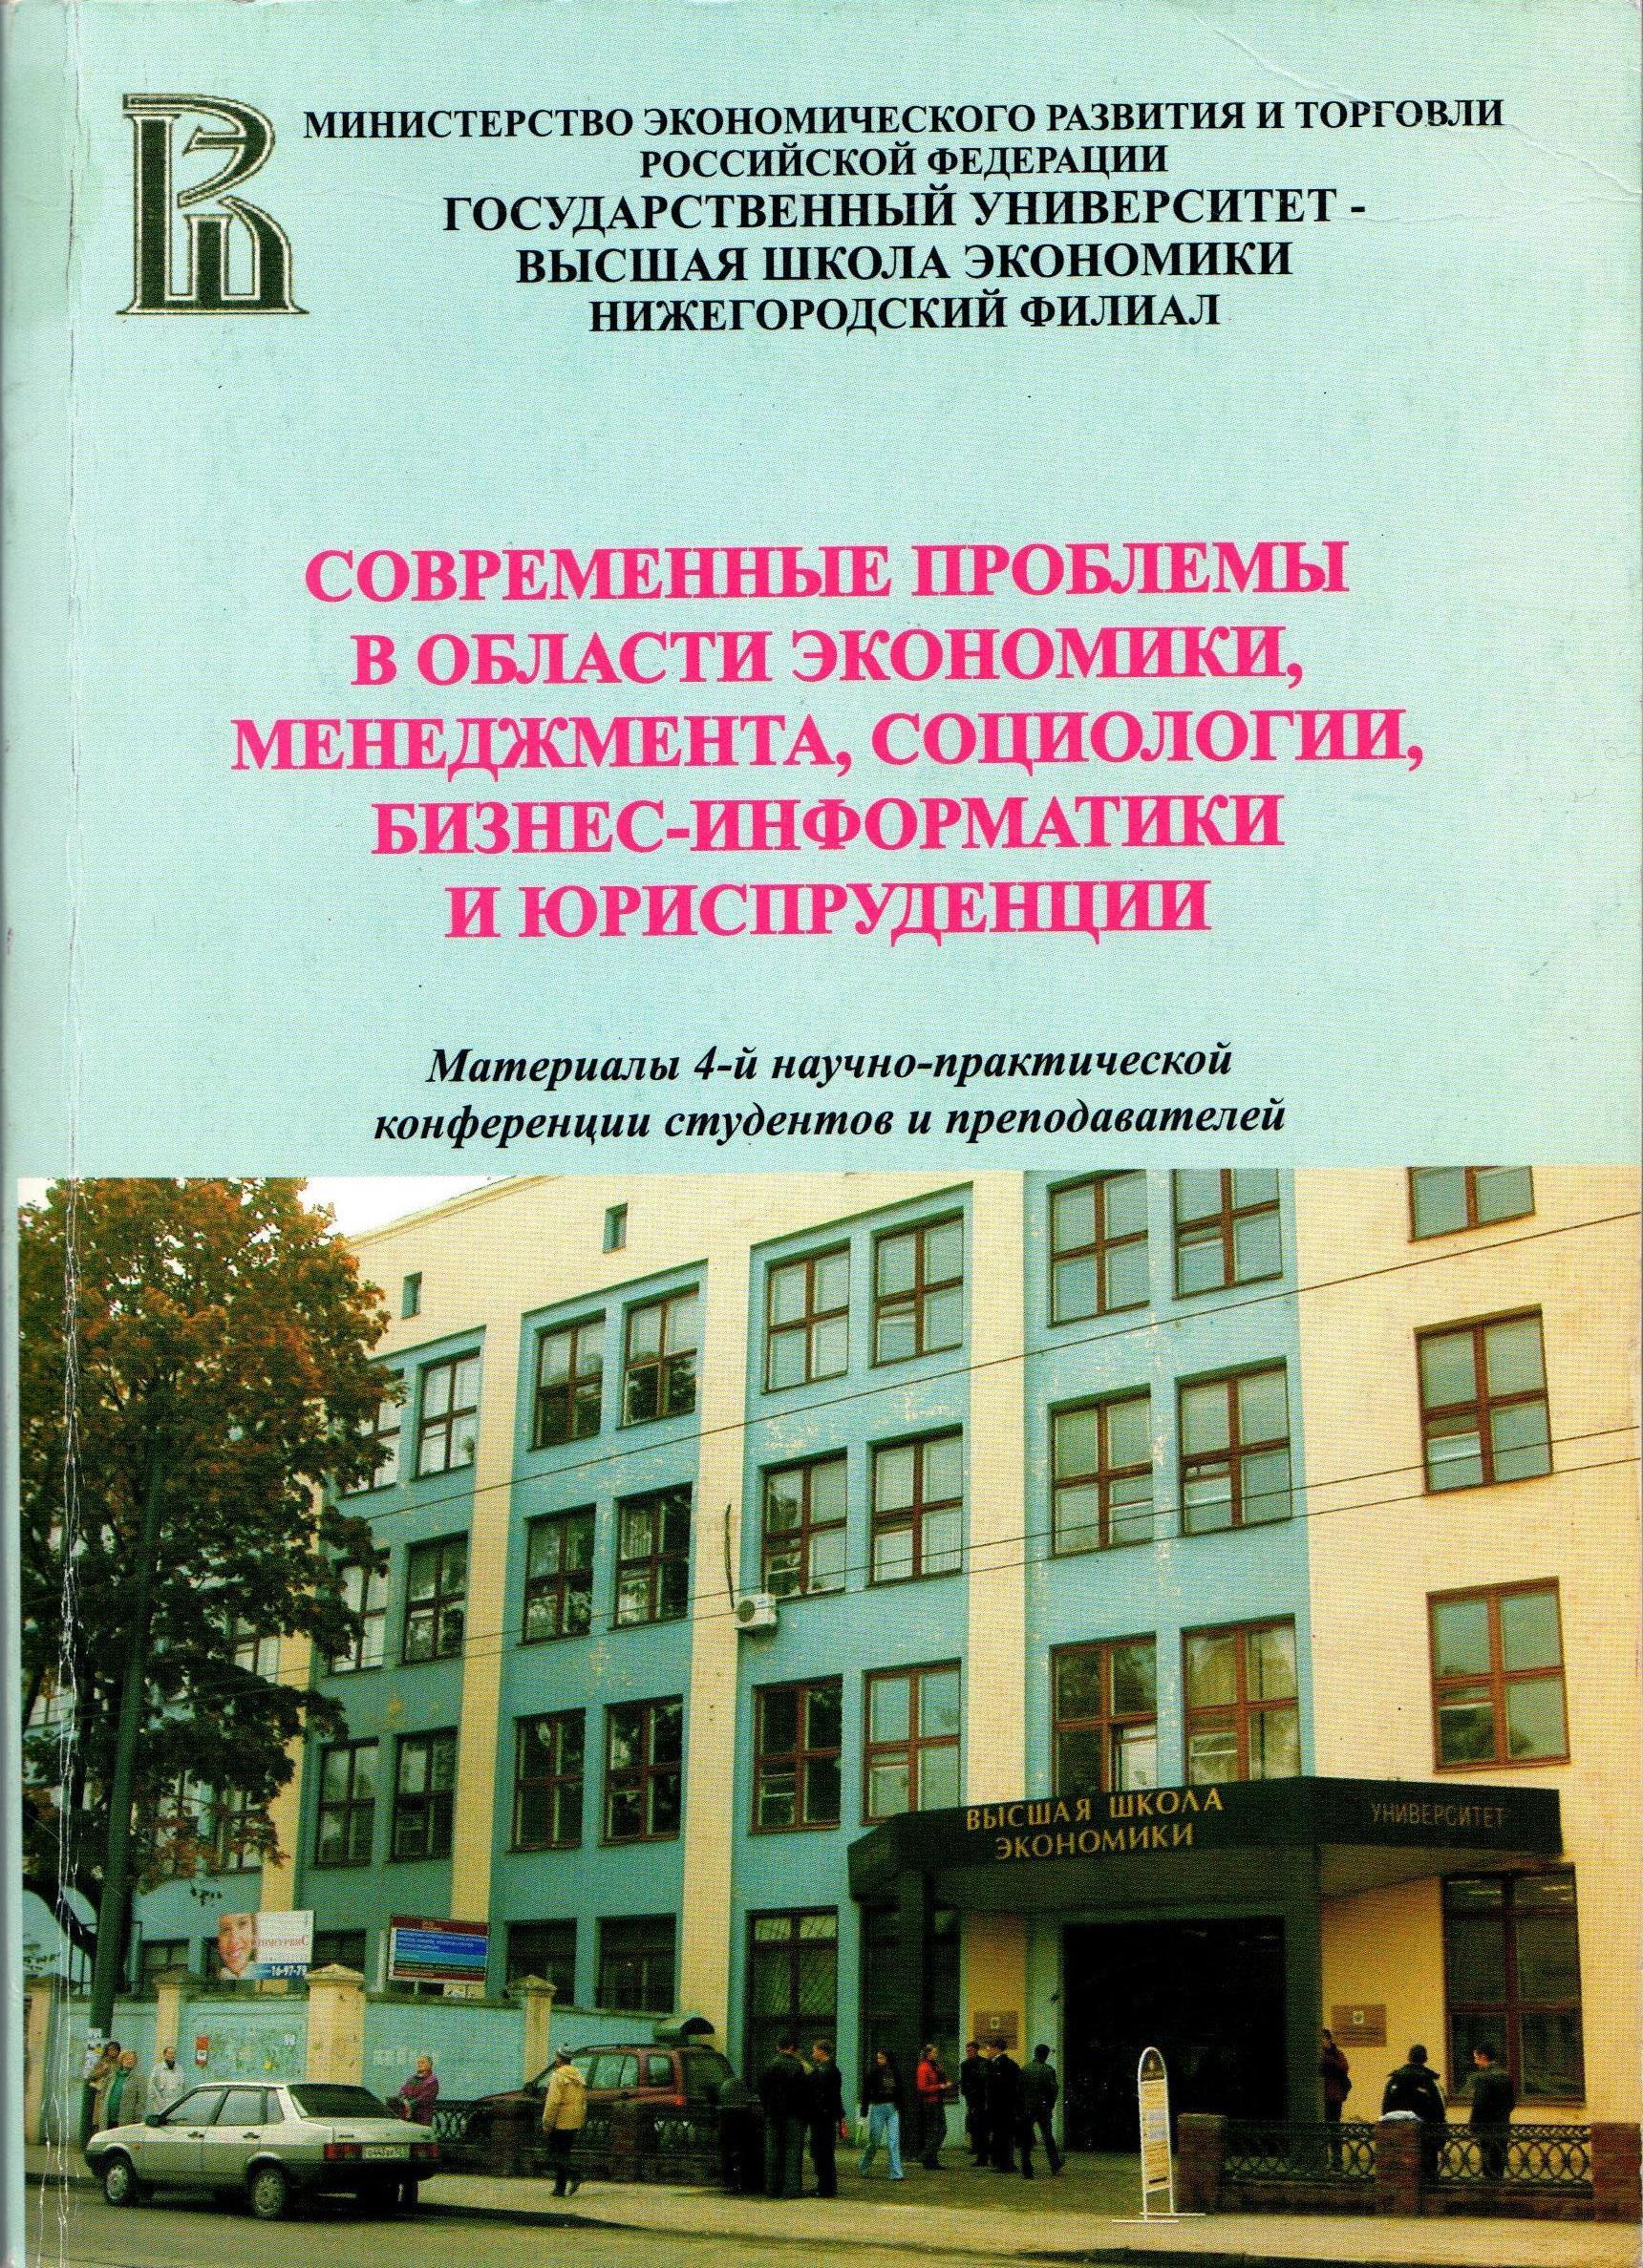 К вопросу о прямом действии Конвенции о правах человека и защите свобод на территории Российской Федерации при осуществлении уголовного судопроизводства